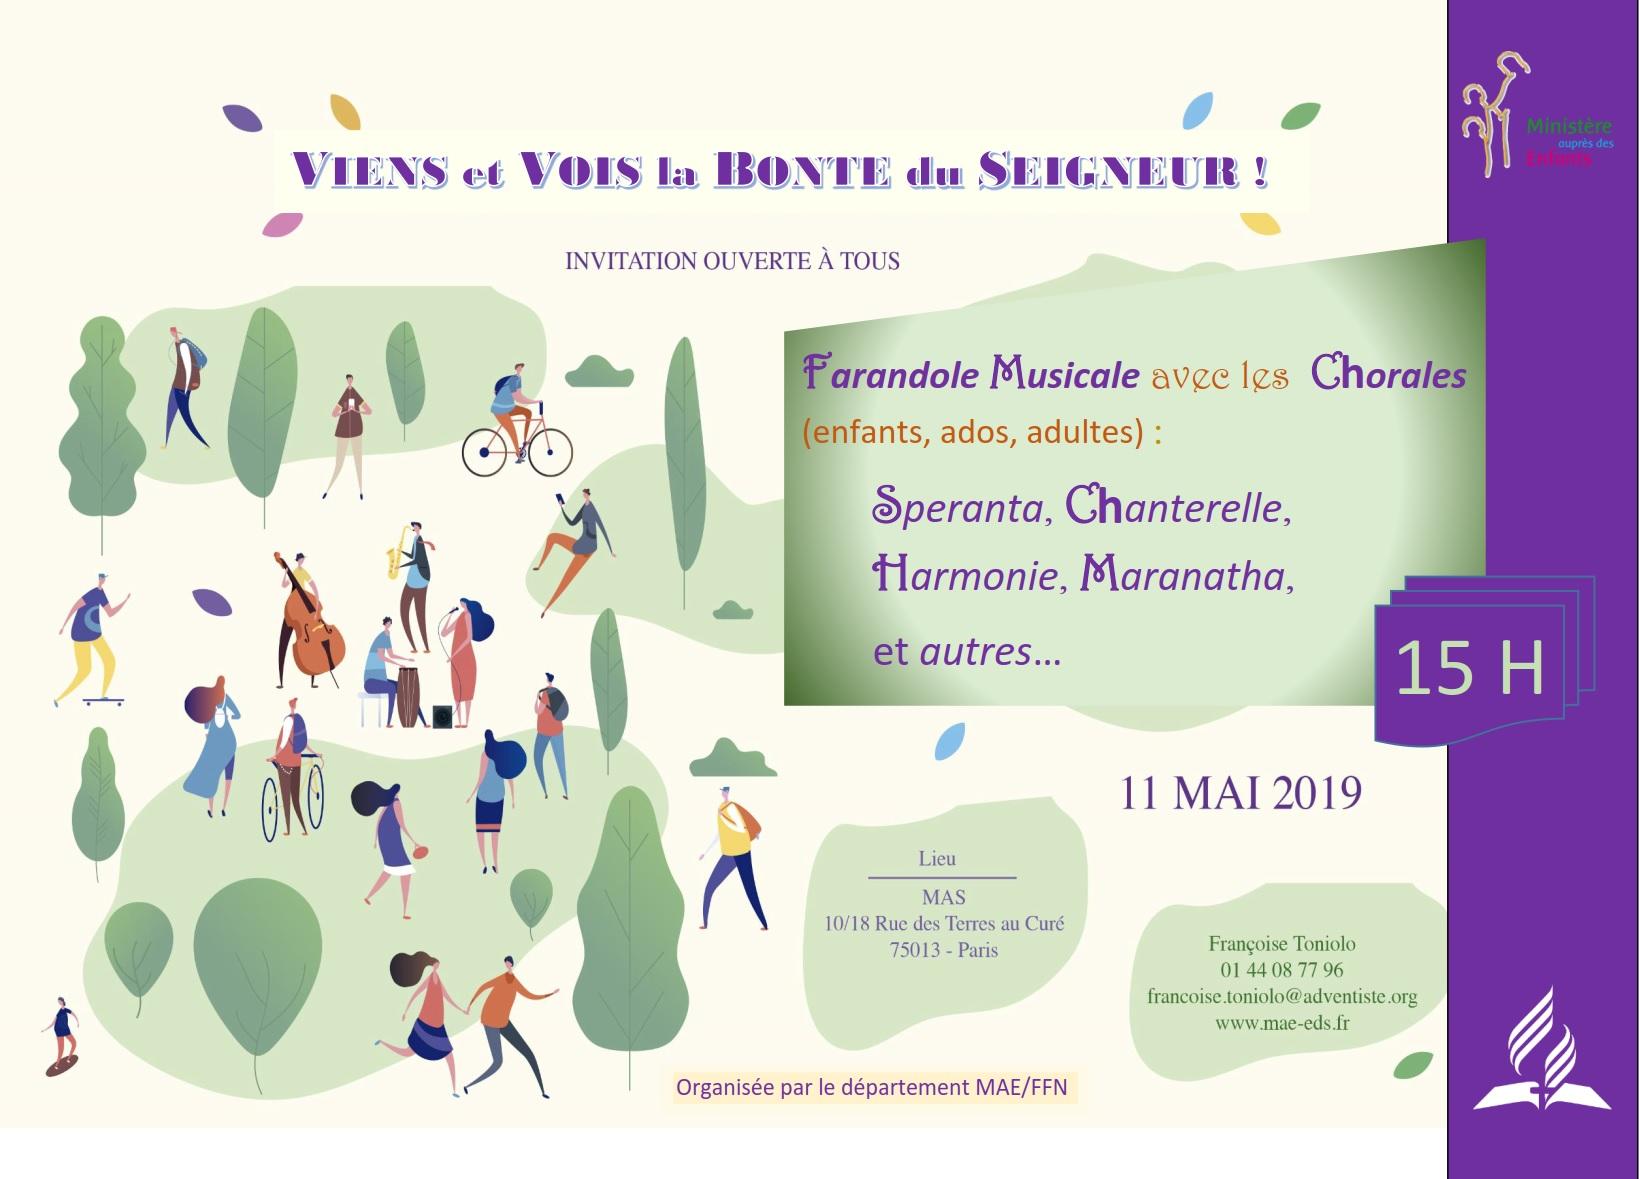 Farandole musicale – 11 mai 2019